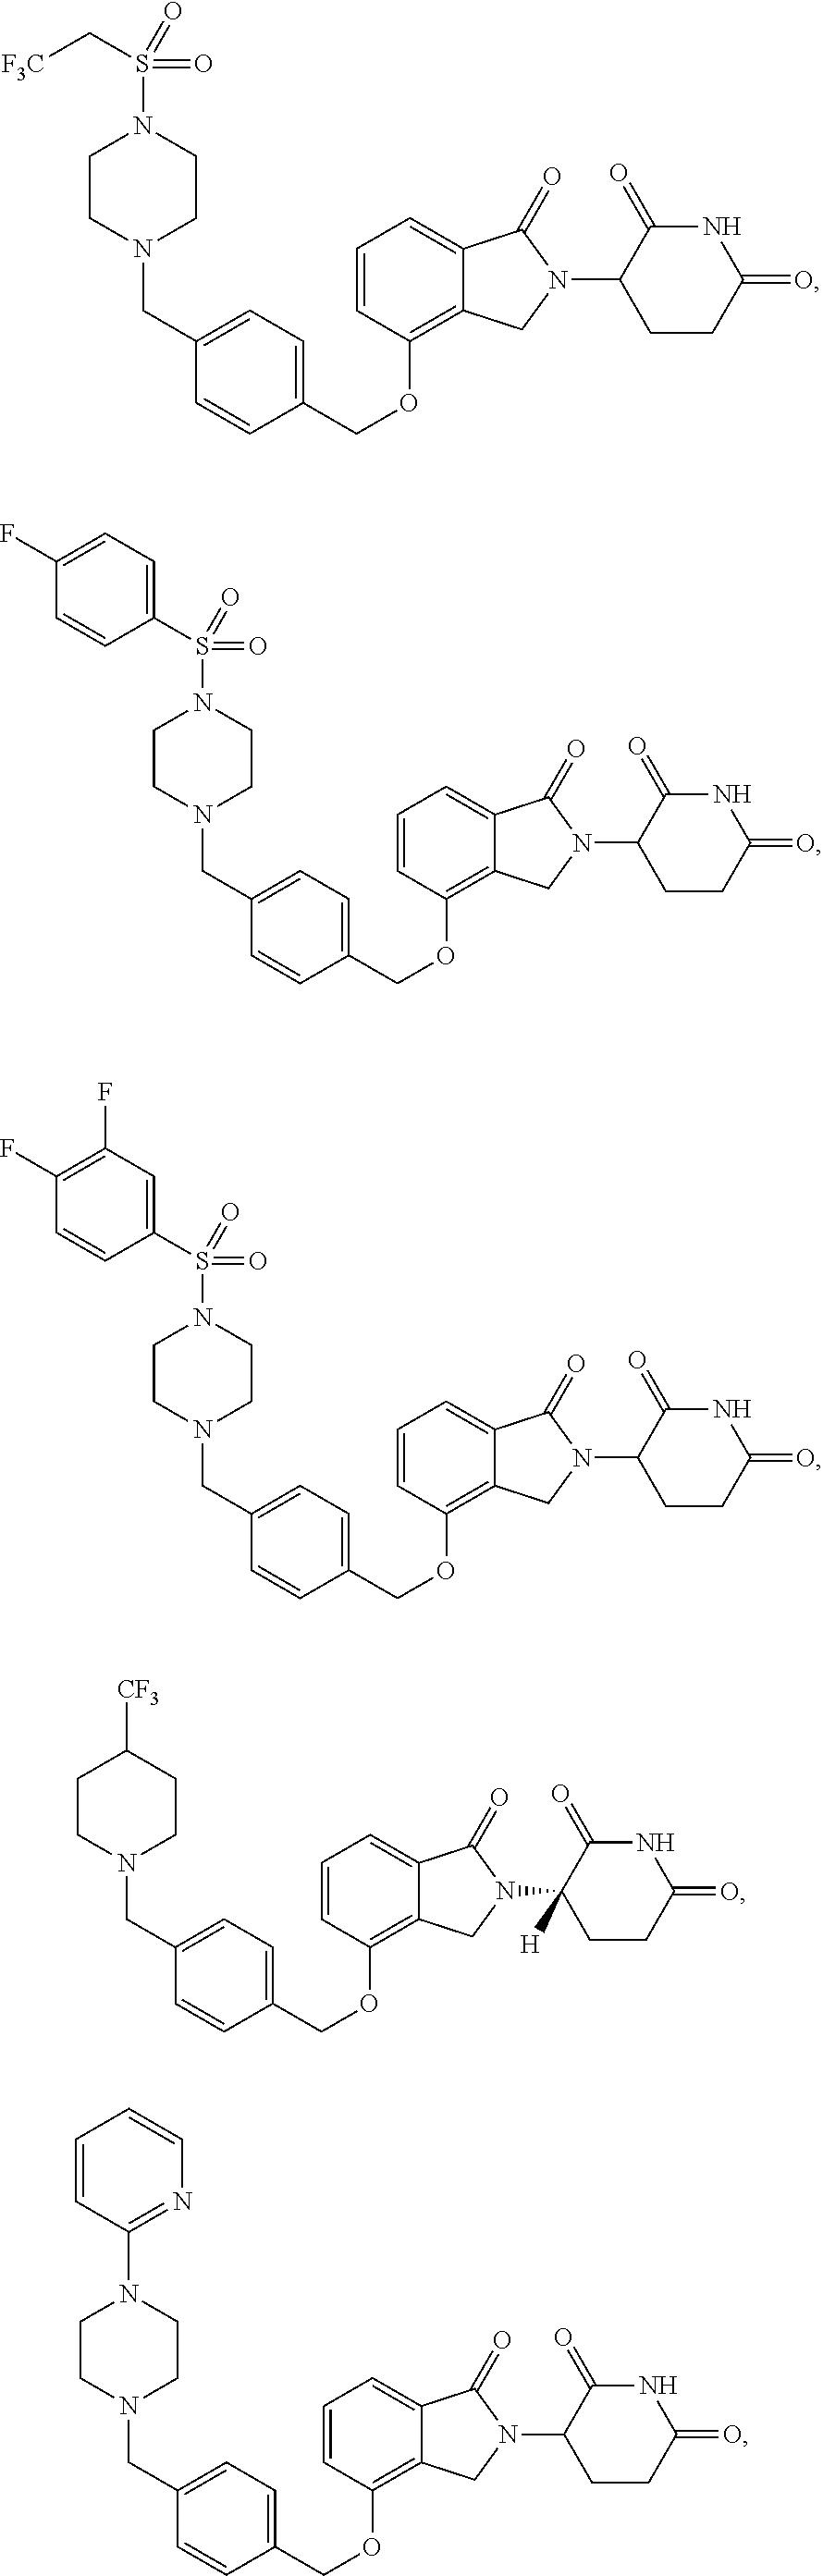 Figure US09587281-20170307-C00095